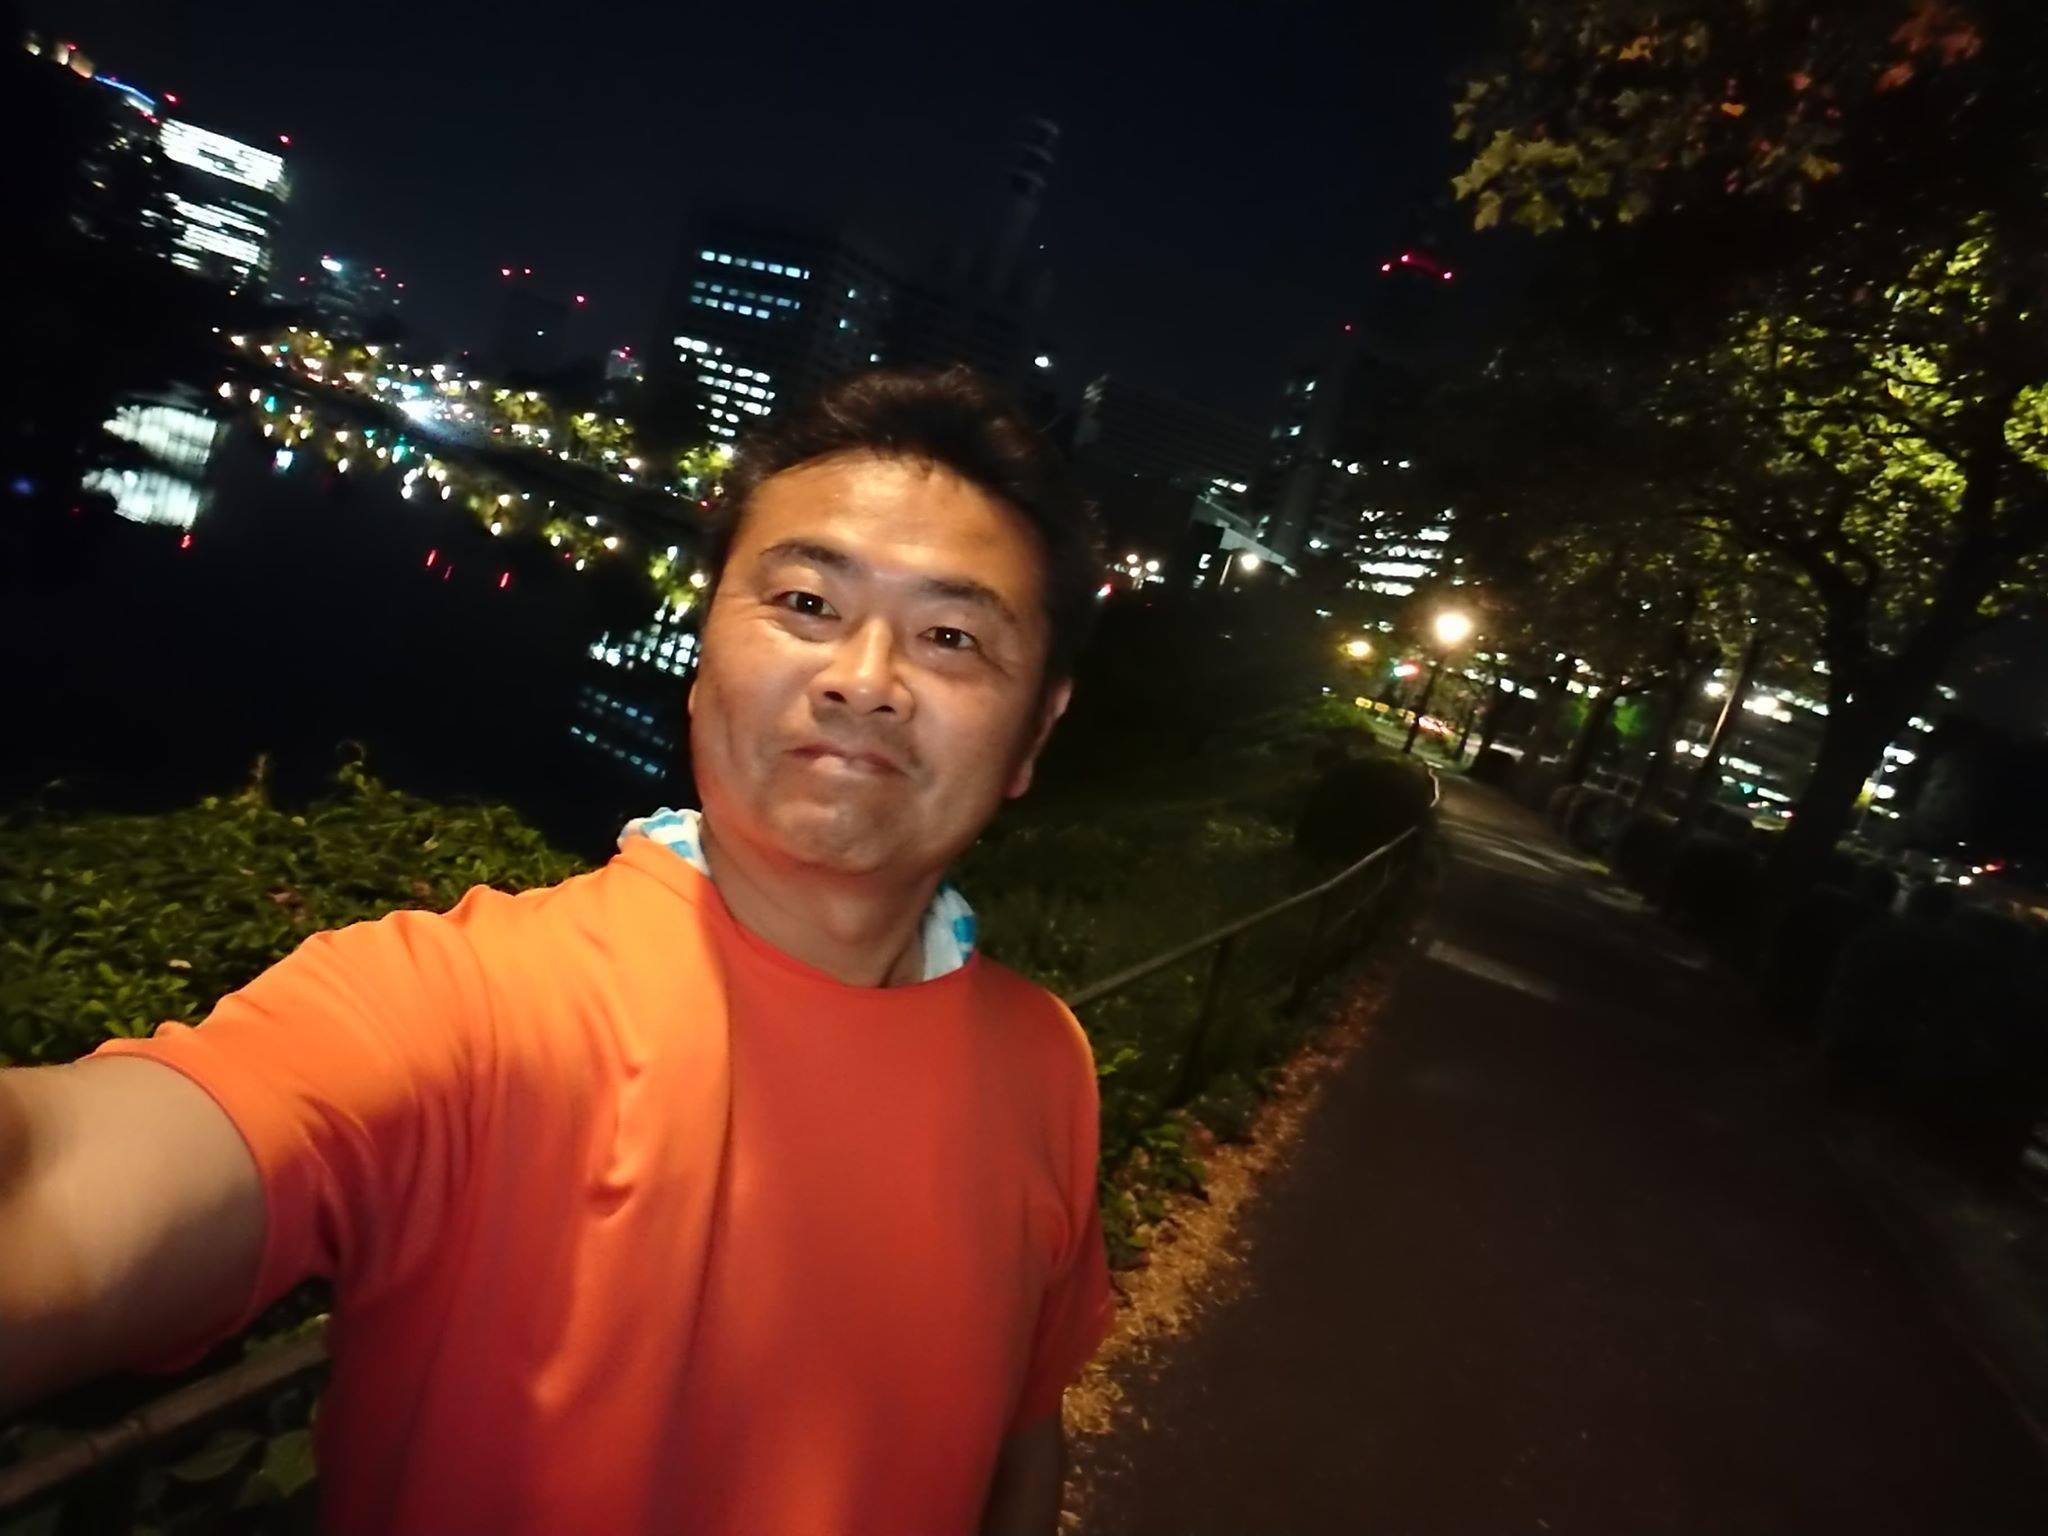 今夜も18km(皇居3周+赤坂宿舎往復)走りました。